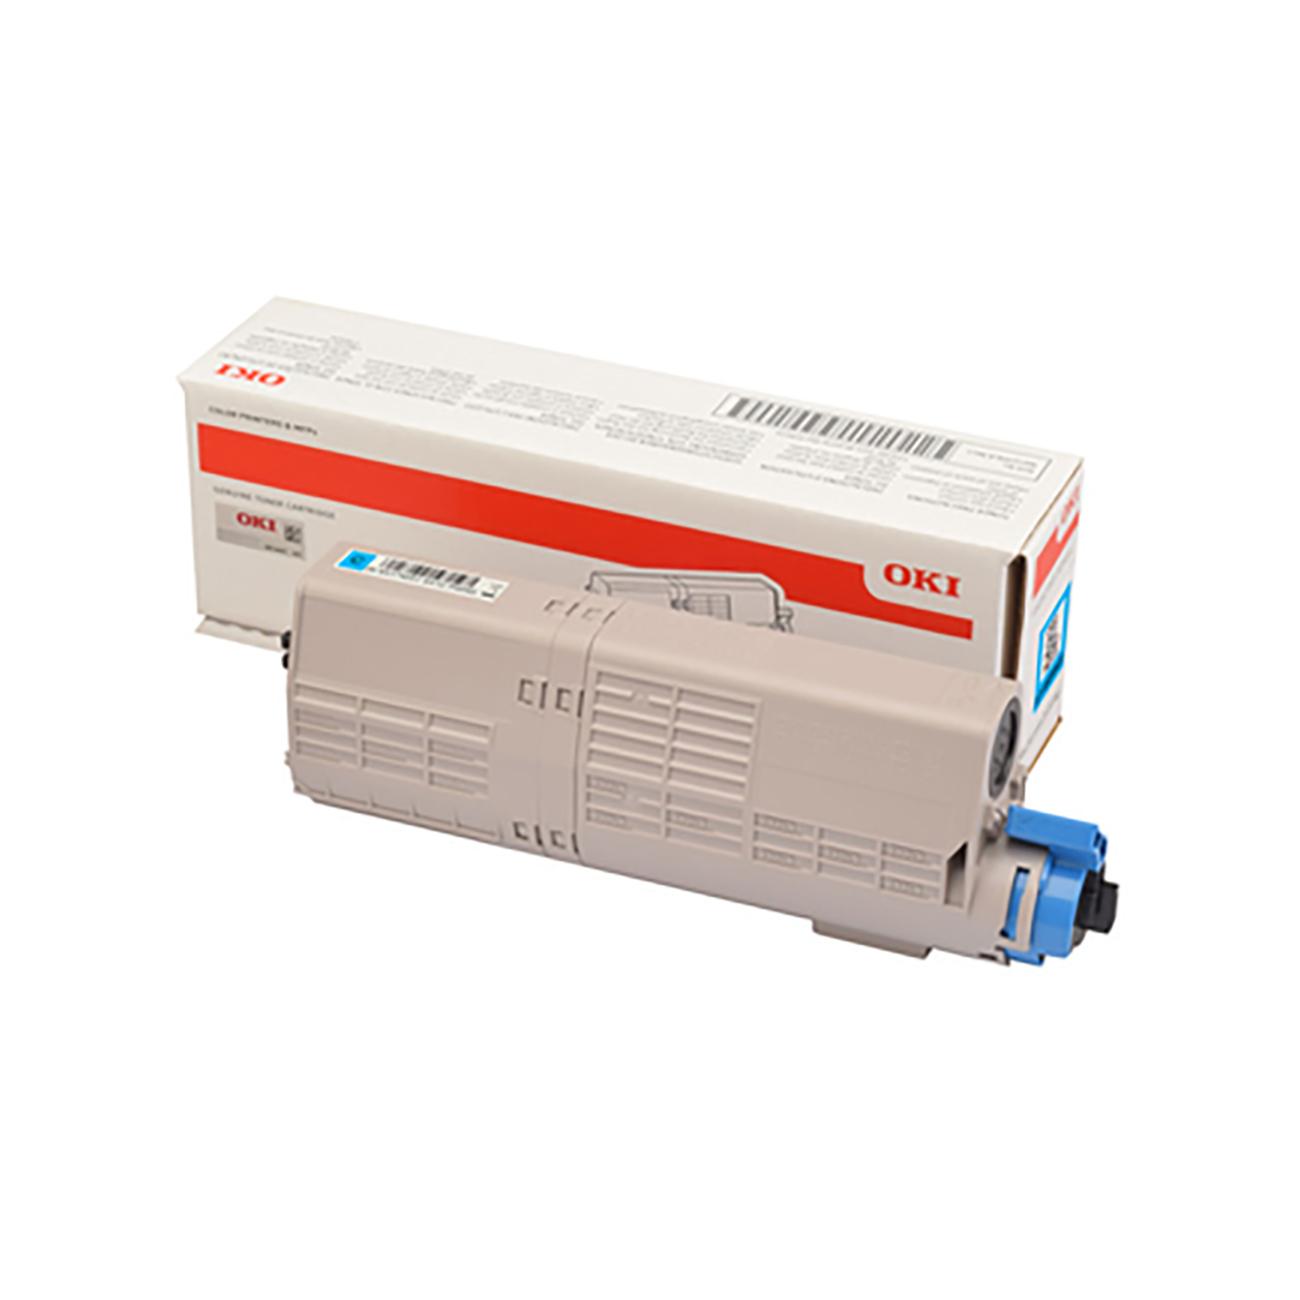 Oki C532/MC573 Laser Toner Cartridge Page Life 1500pp Cyan Ref 46490403